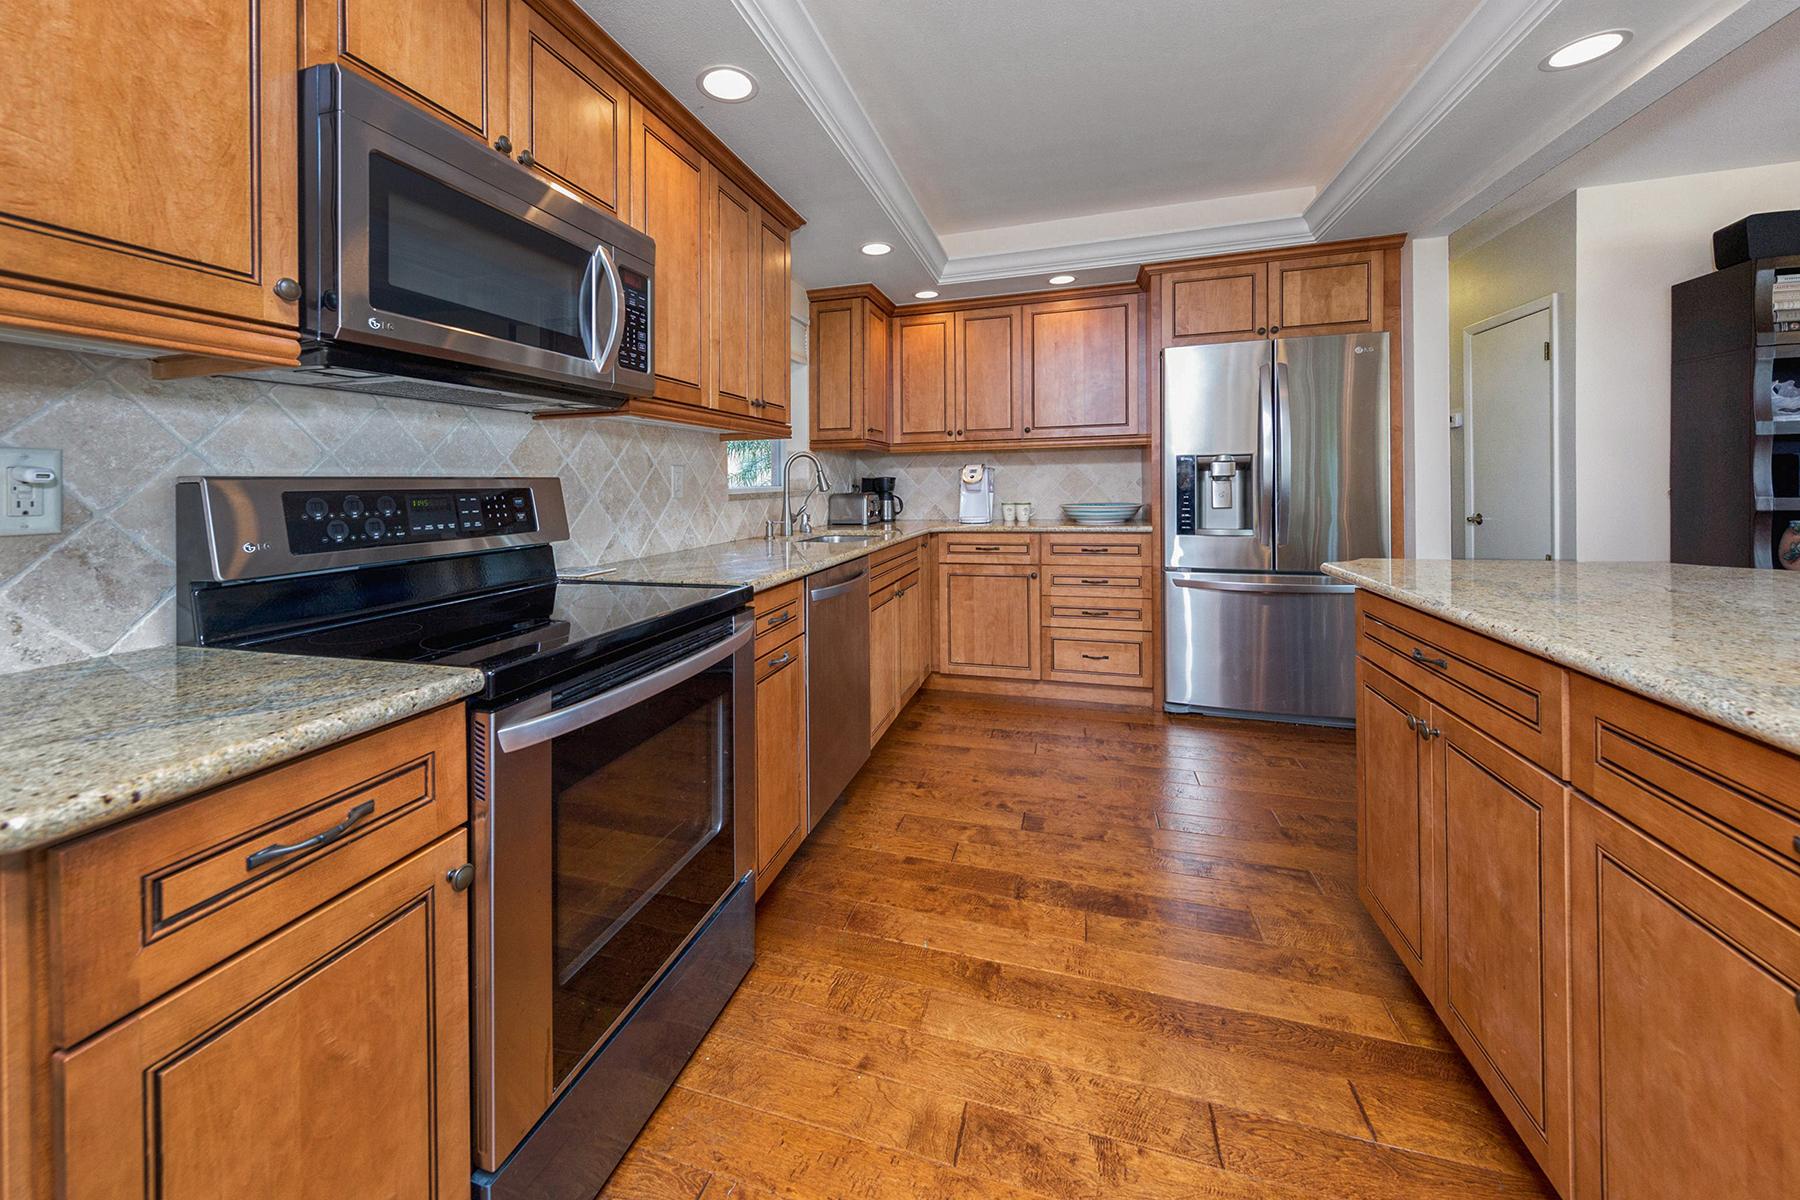 Частный односемейный дом для того Продажа на VENICE ISLAND 720 Ocala St Venice Island, Venice, Флорида, 34285 Соединенные Штаты